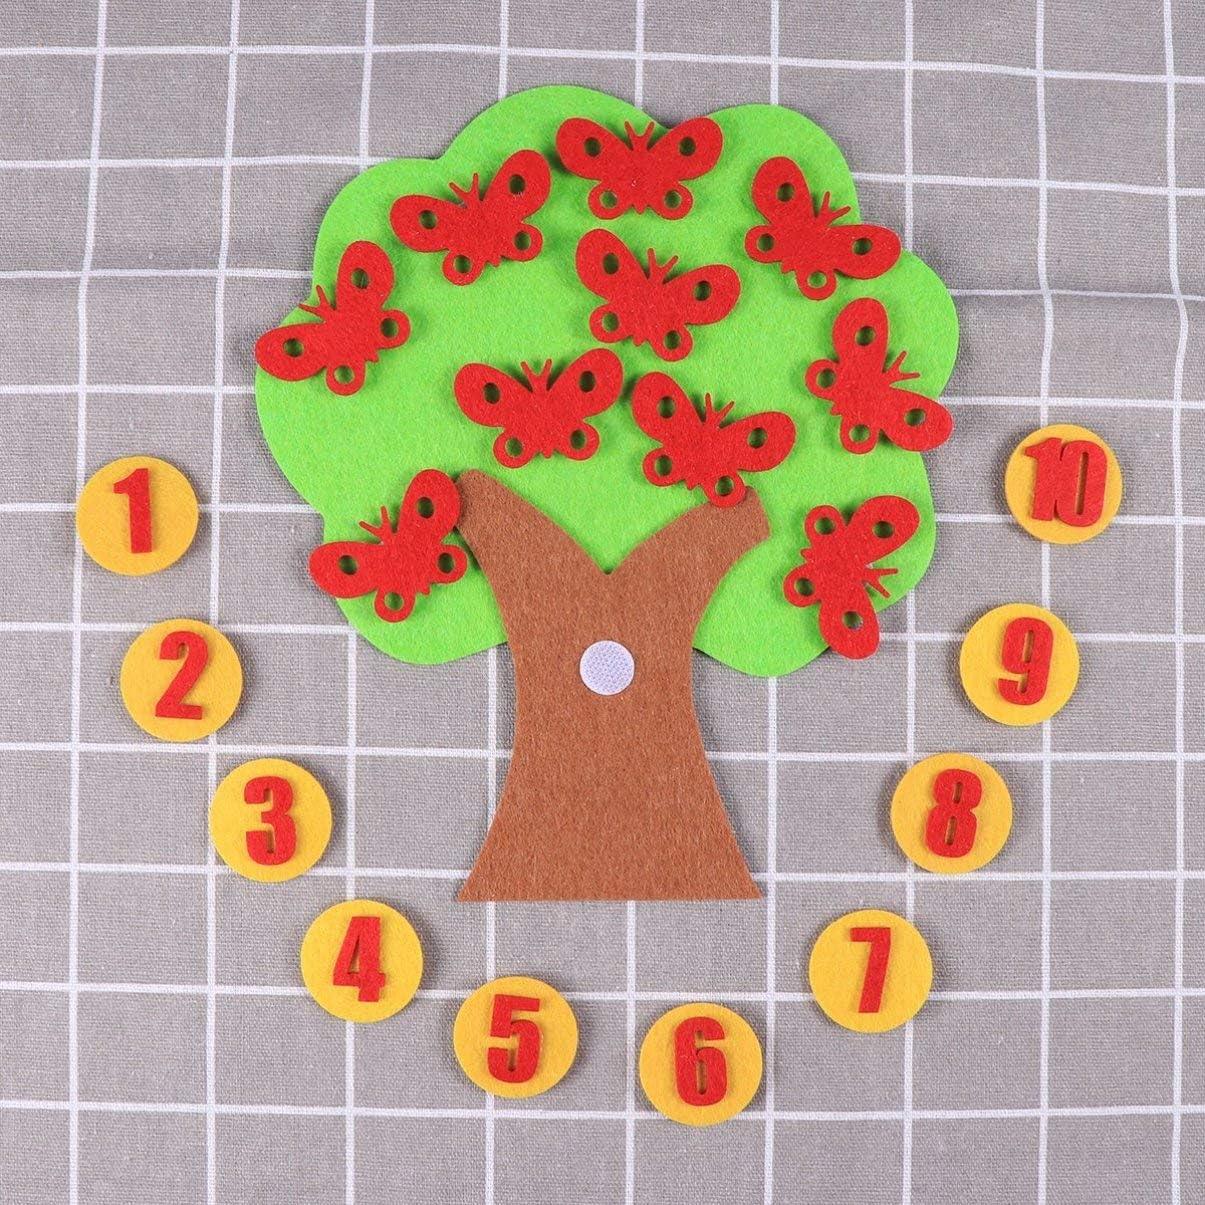 Healifty Filzbrett Spielzeug Digital Paarungsnummer Schmetterling Baum Vliesstoffe Diy P/ädagogisches Spielzeug f/ür Vorschulkindergarten Liefert